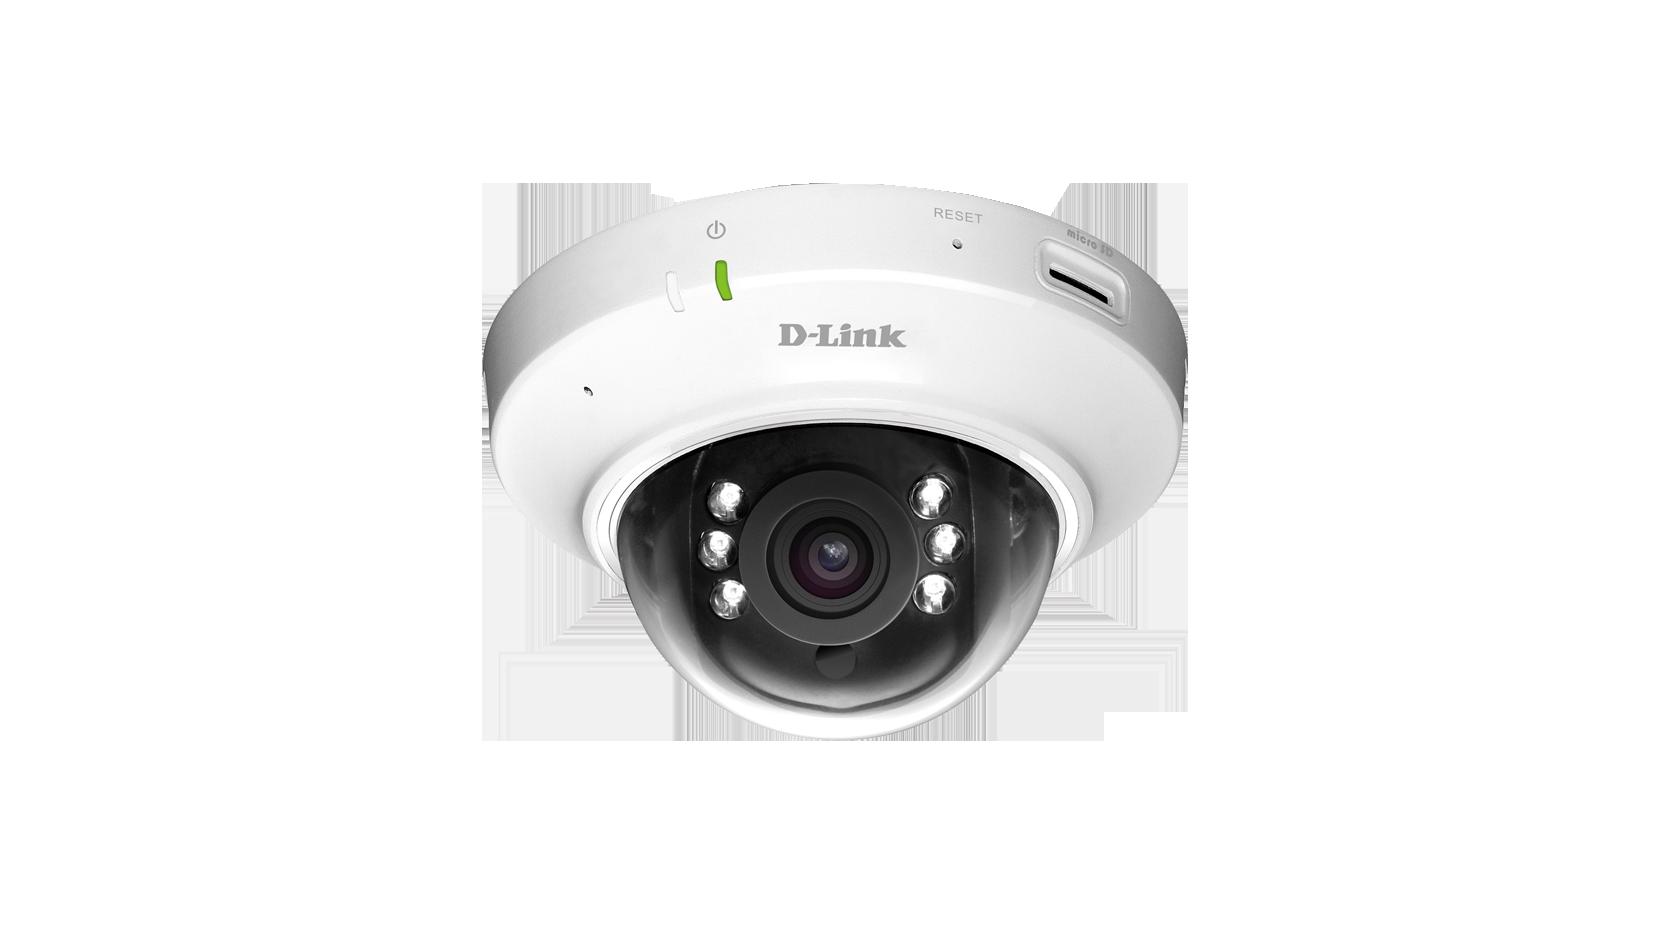 HD Mini Dome Network Camera |